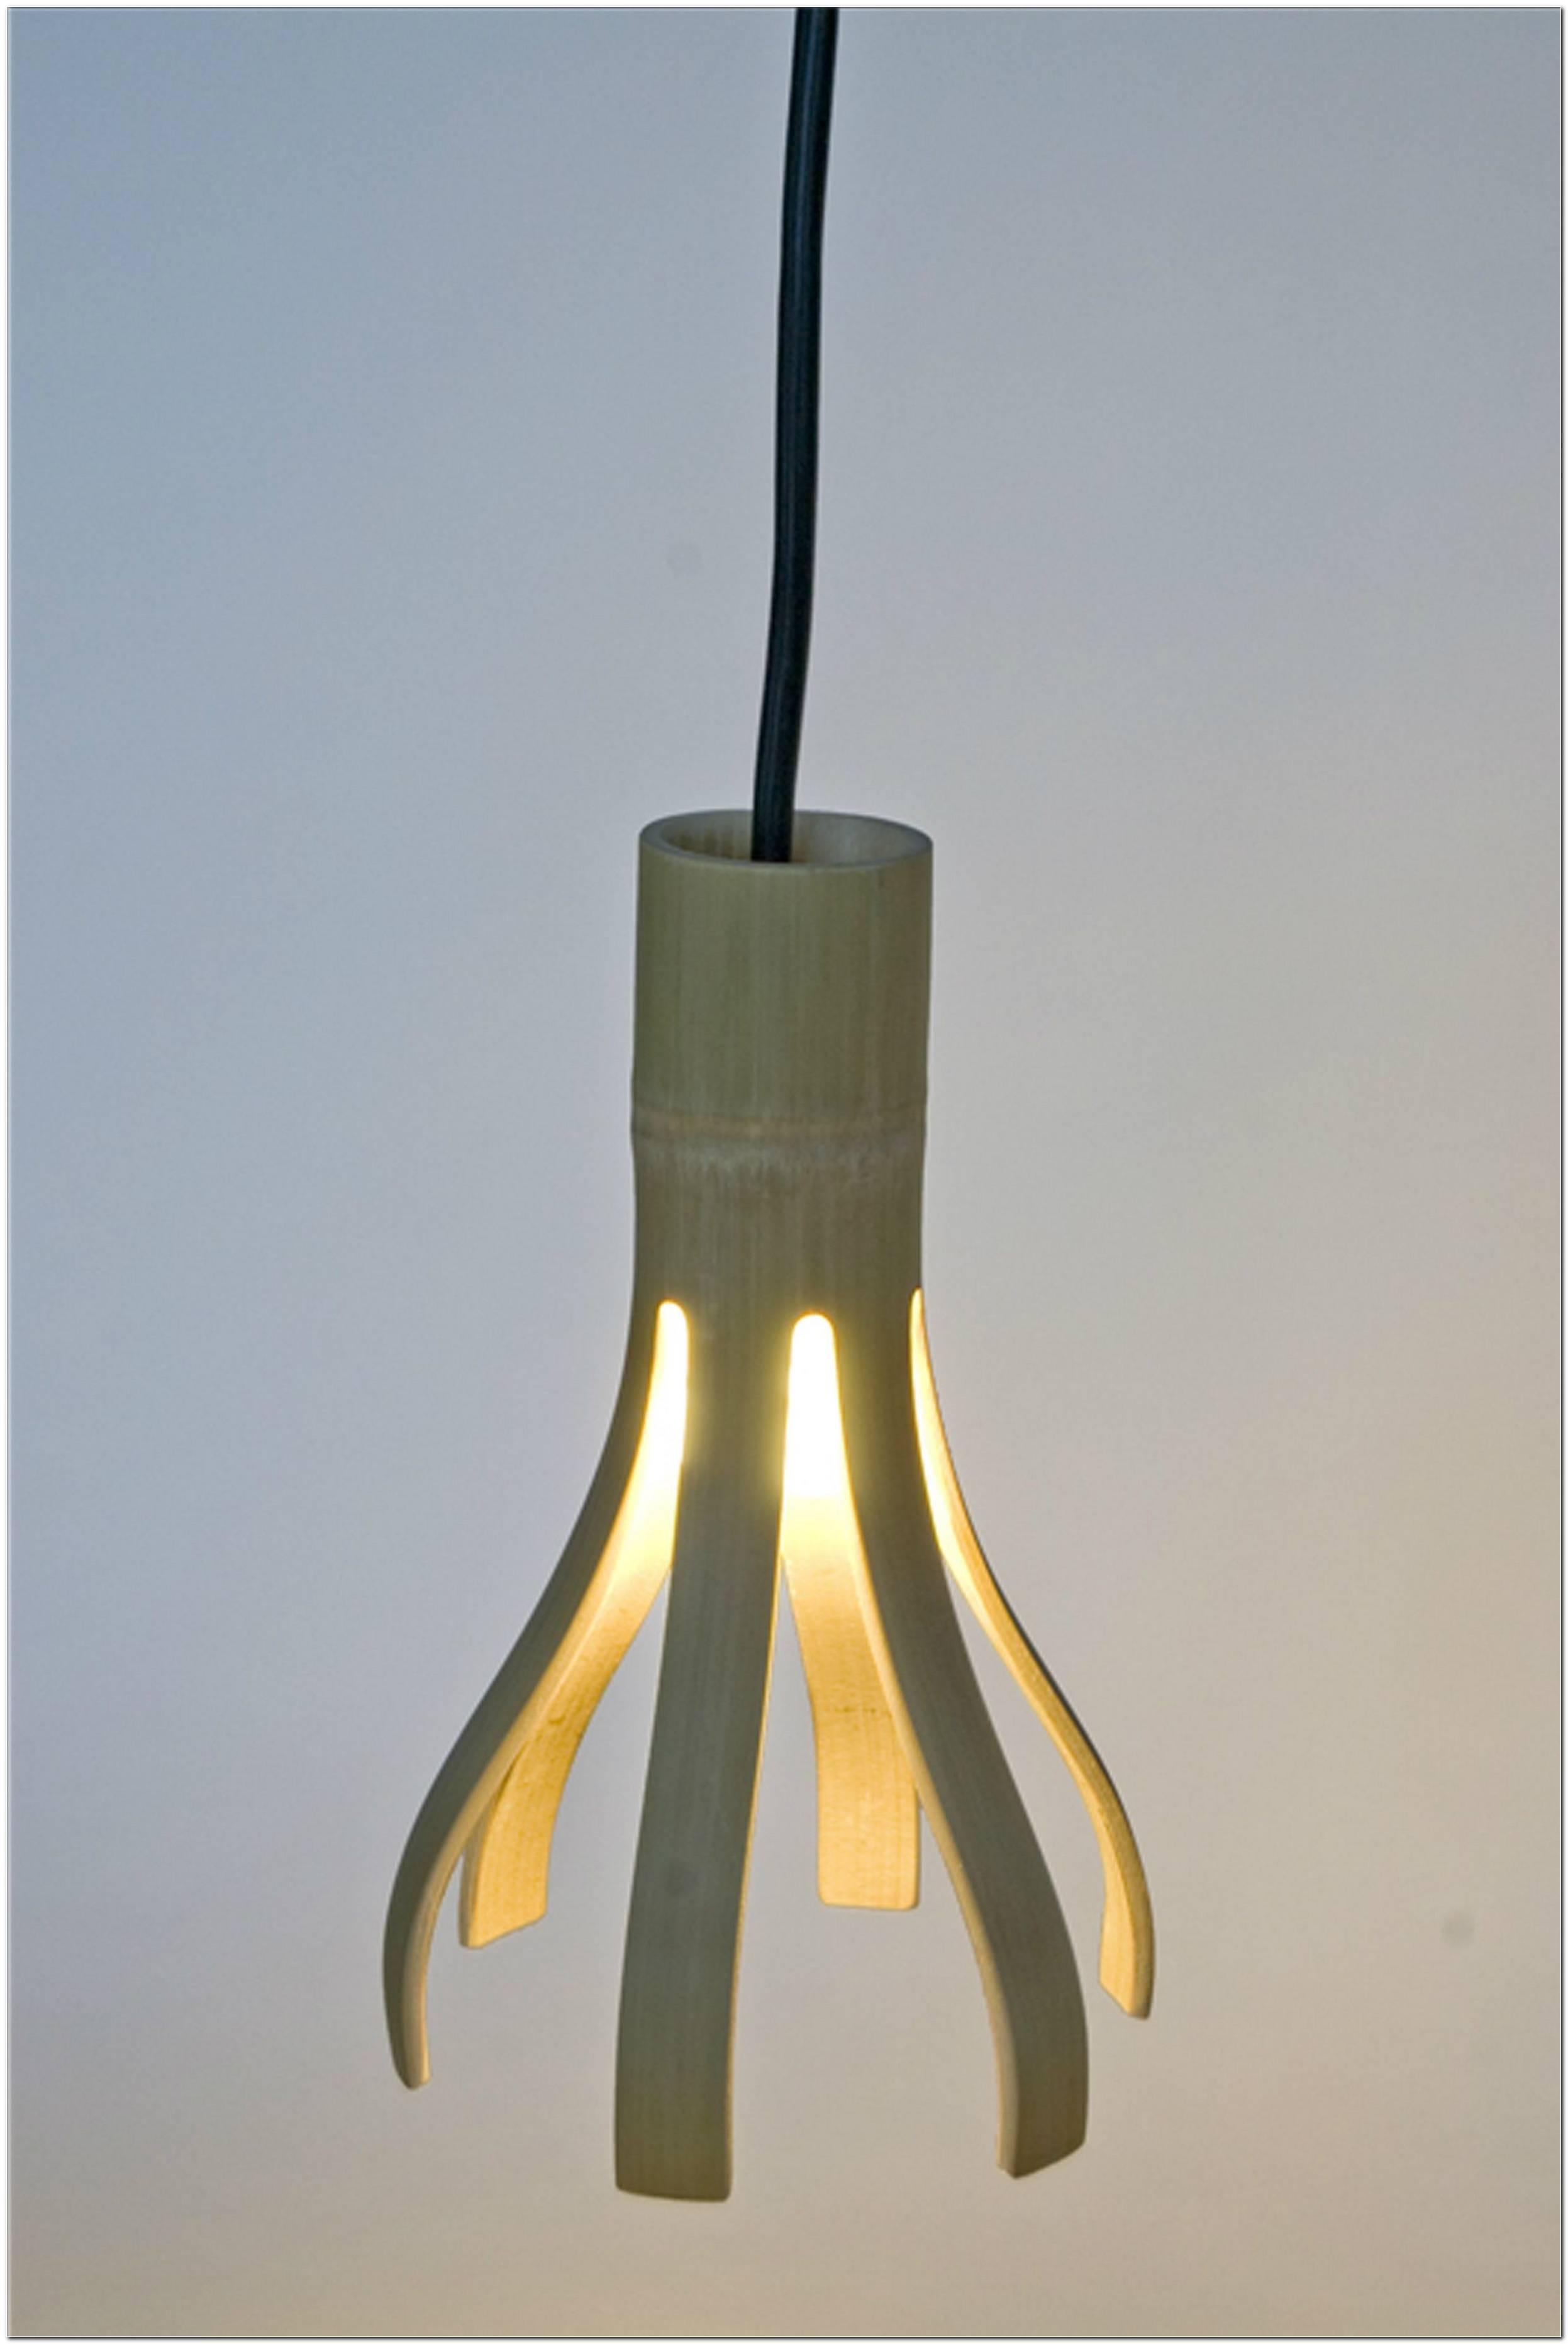 Luminária Artesanal 36 Ideias Lindíssimas & Como Fazer Em Casa